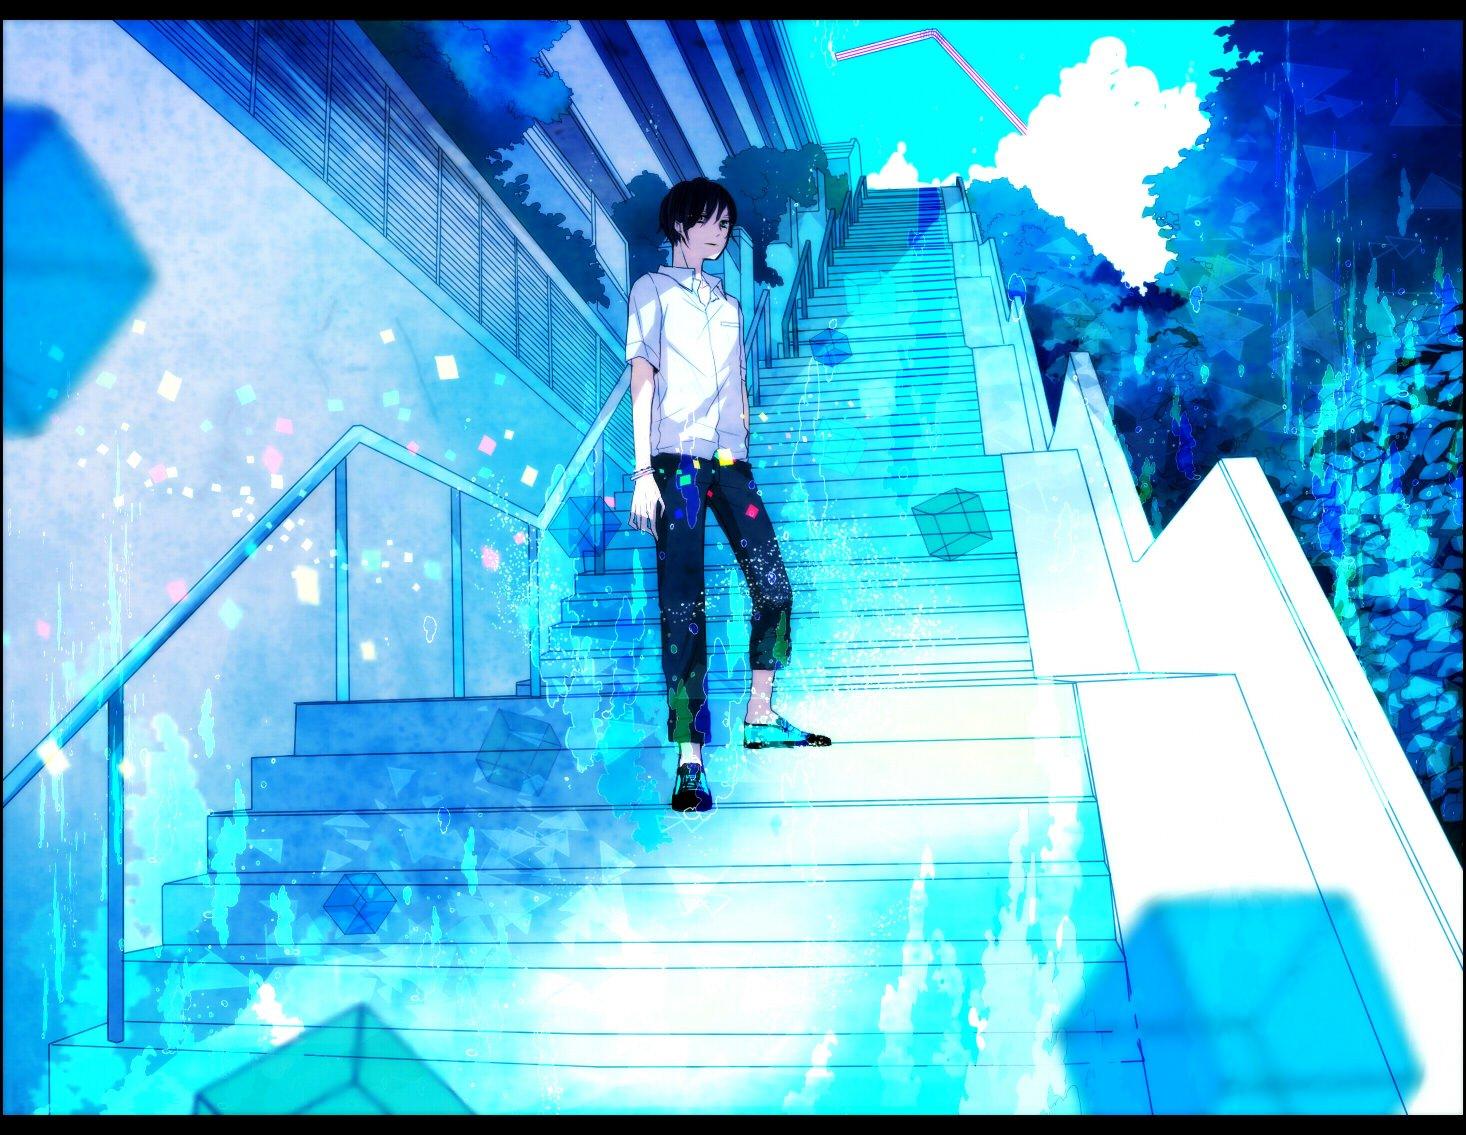 Арты--Доброй Ночи--КНБ--^_^/ >SHIO - Изображение 19